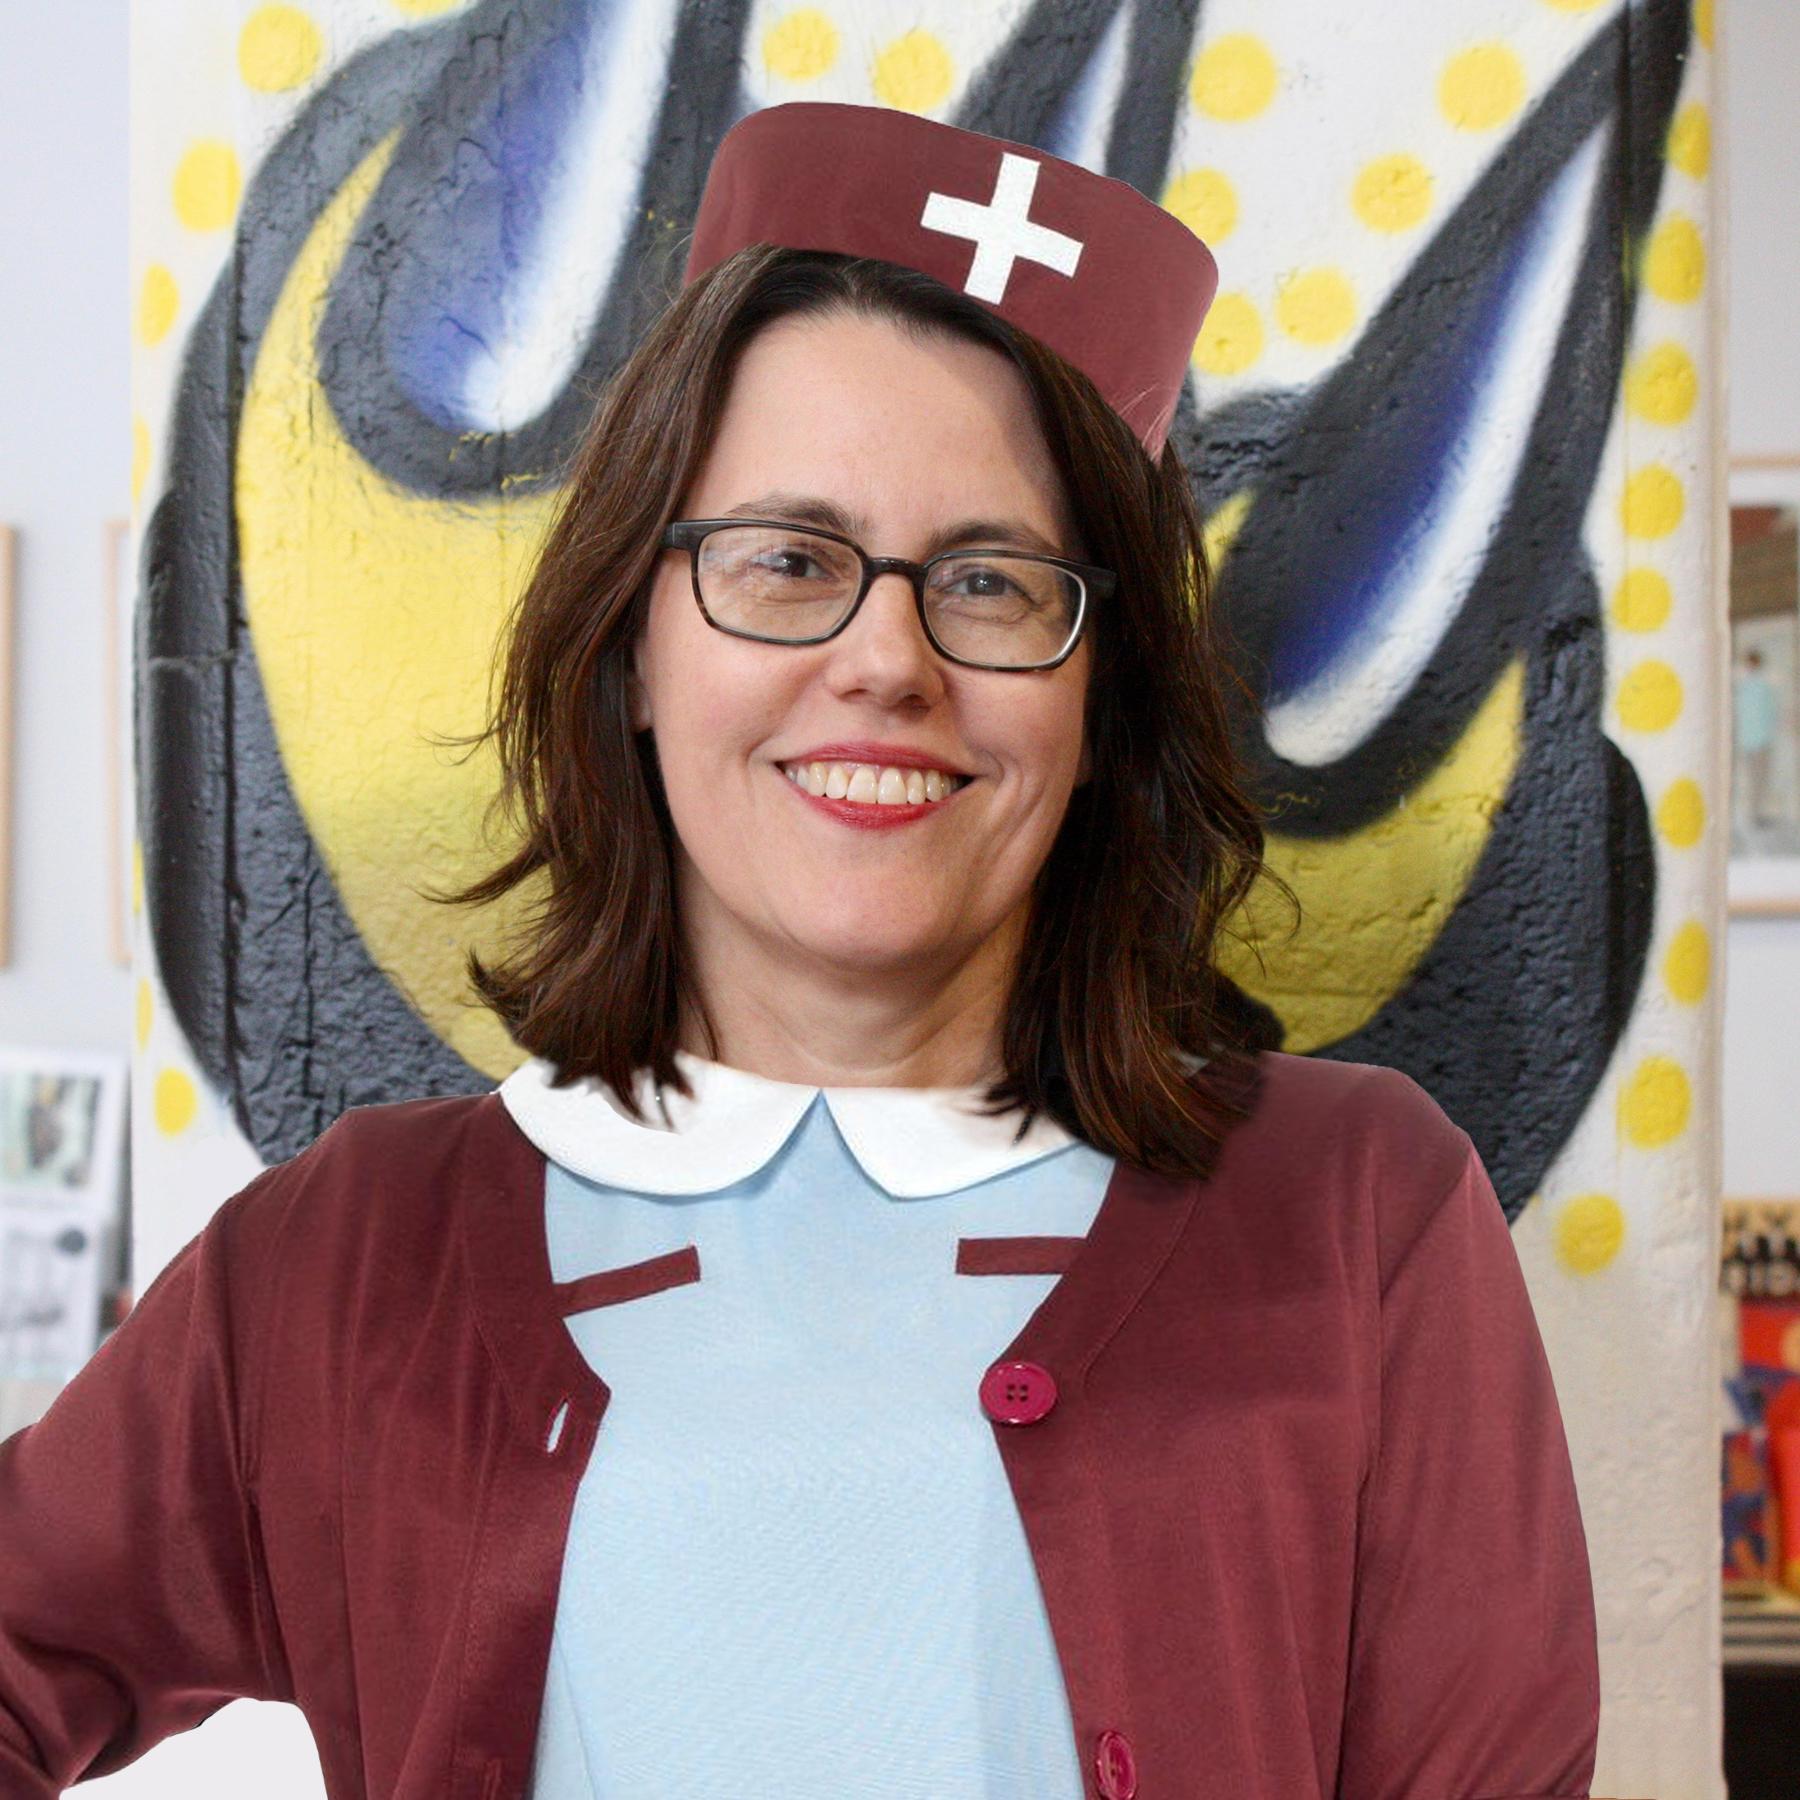 Susanne 50s nurse